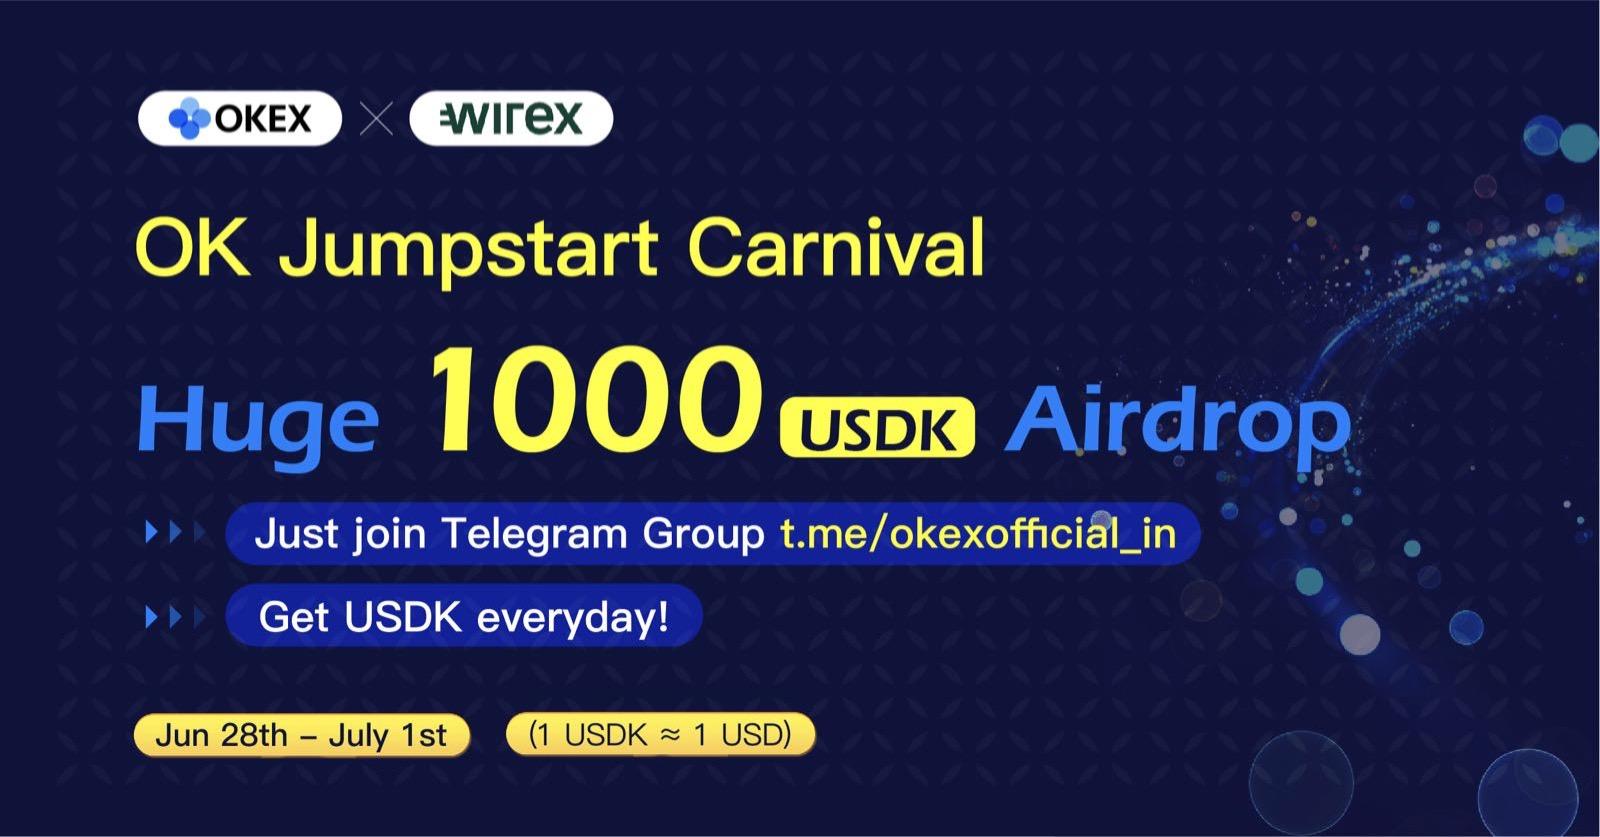 okex wirex airdrop